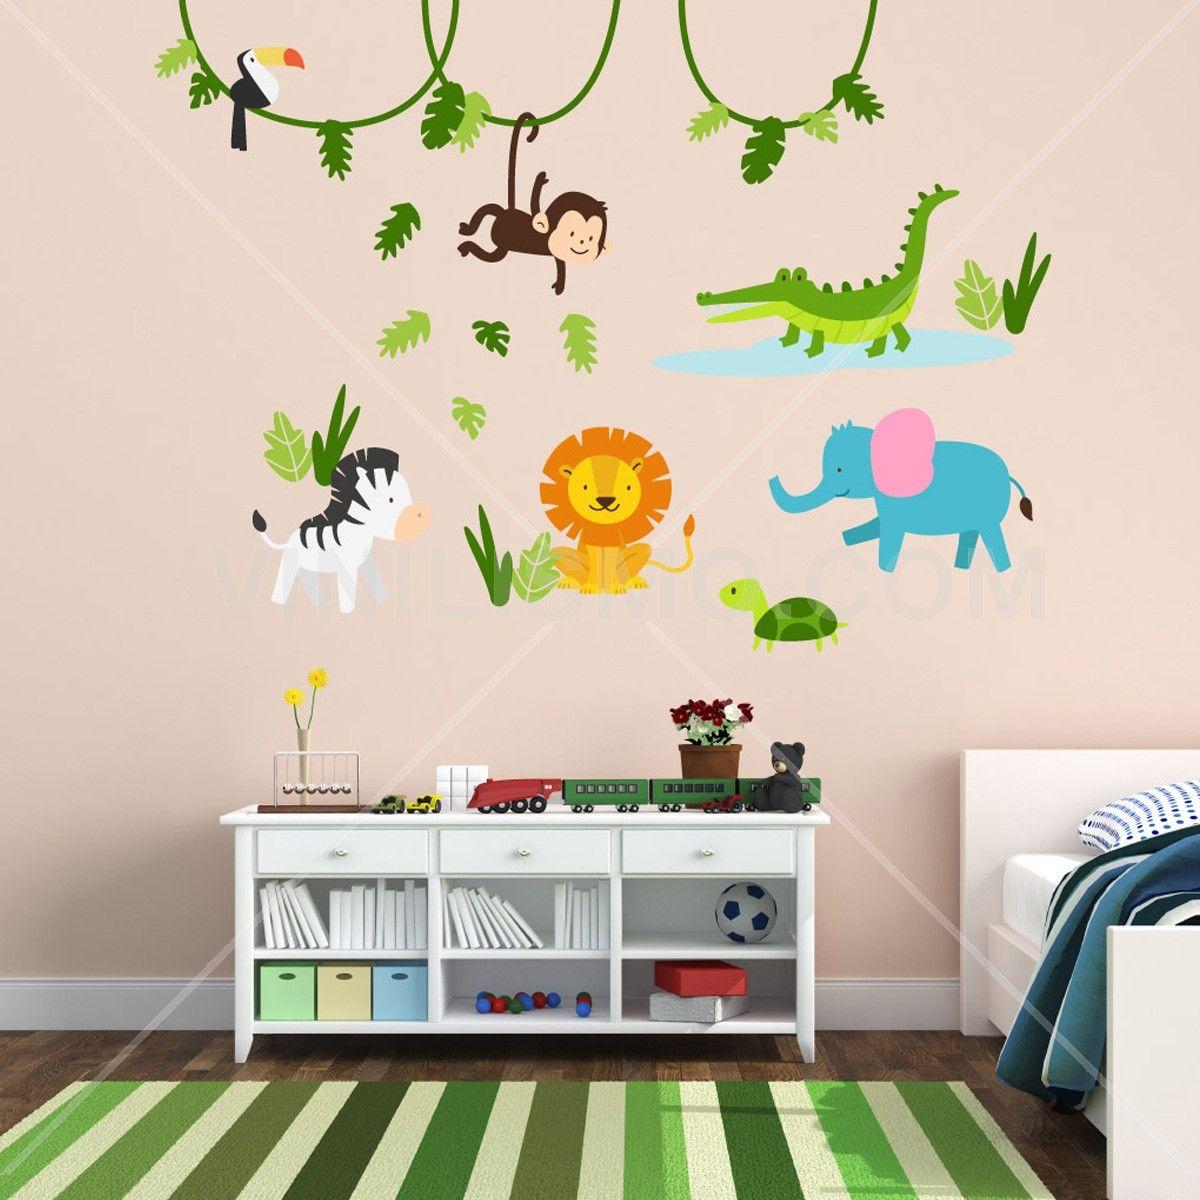 Vinilo decorativo la selva cuarto para el principe for Decoracion para habitacion de bebe nina